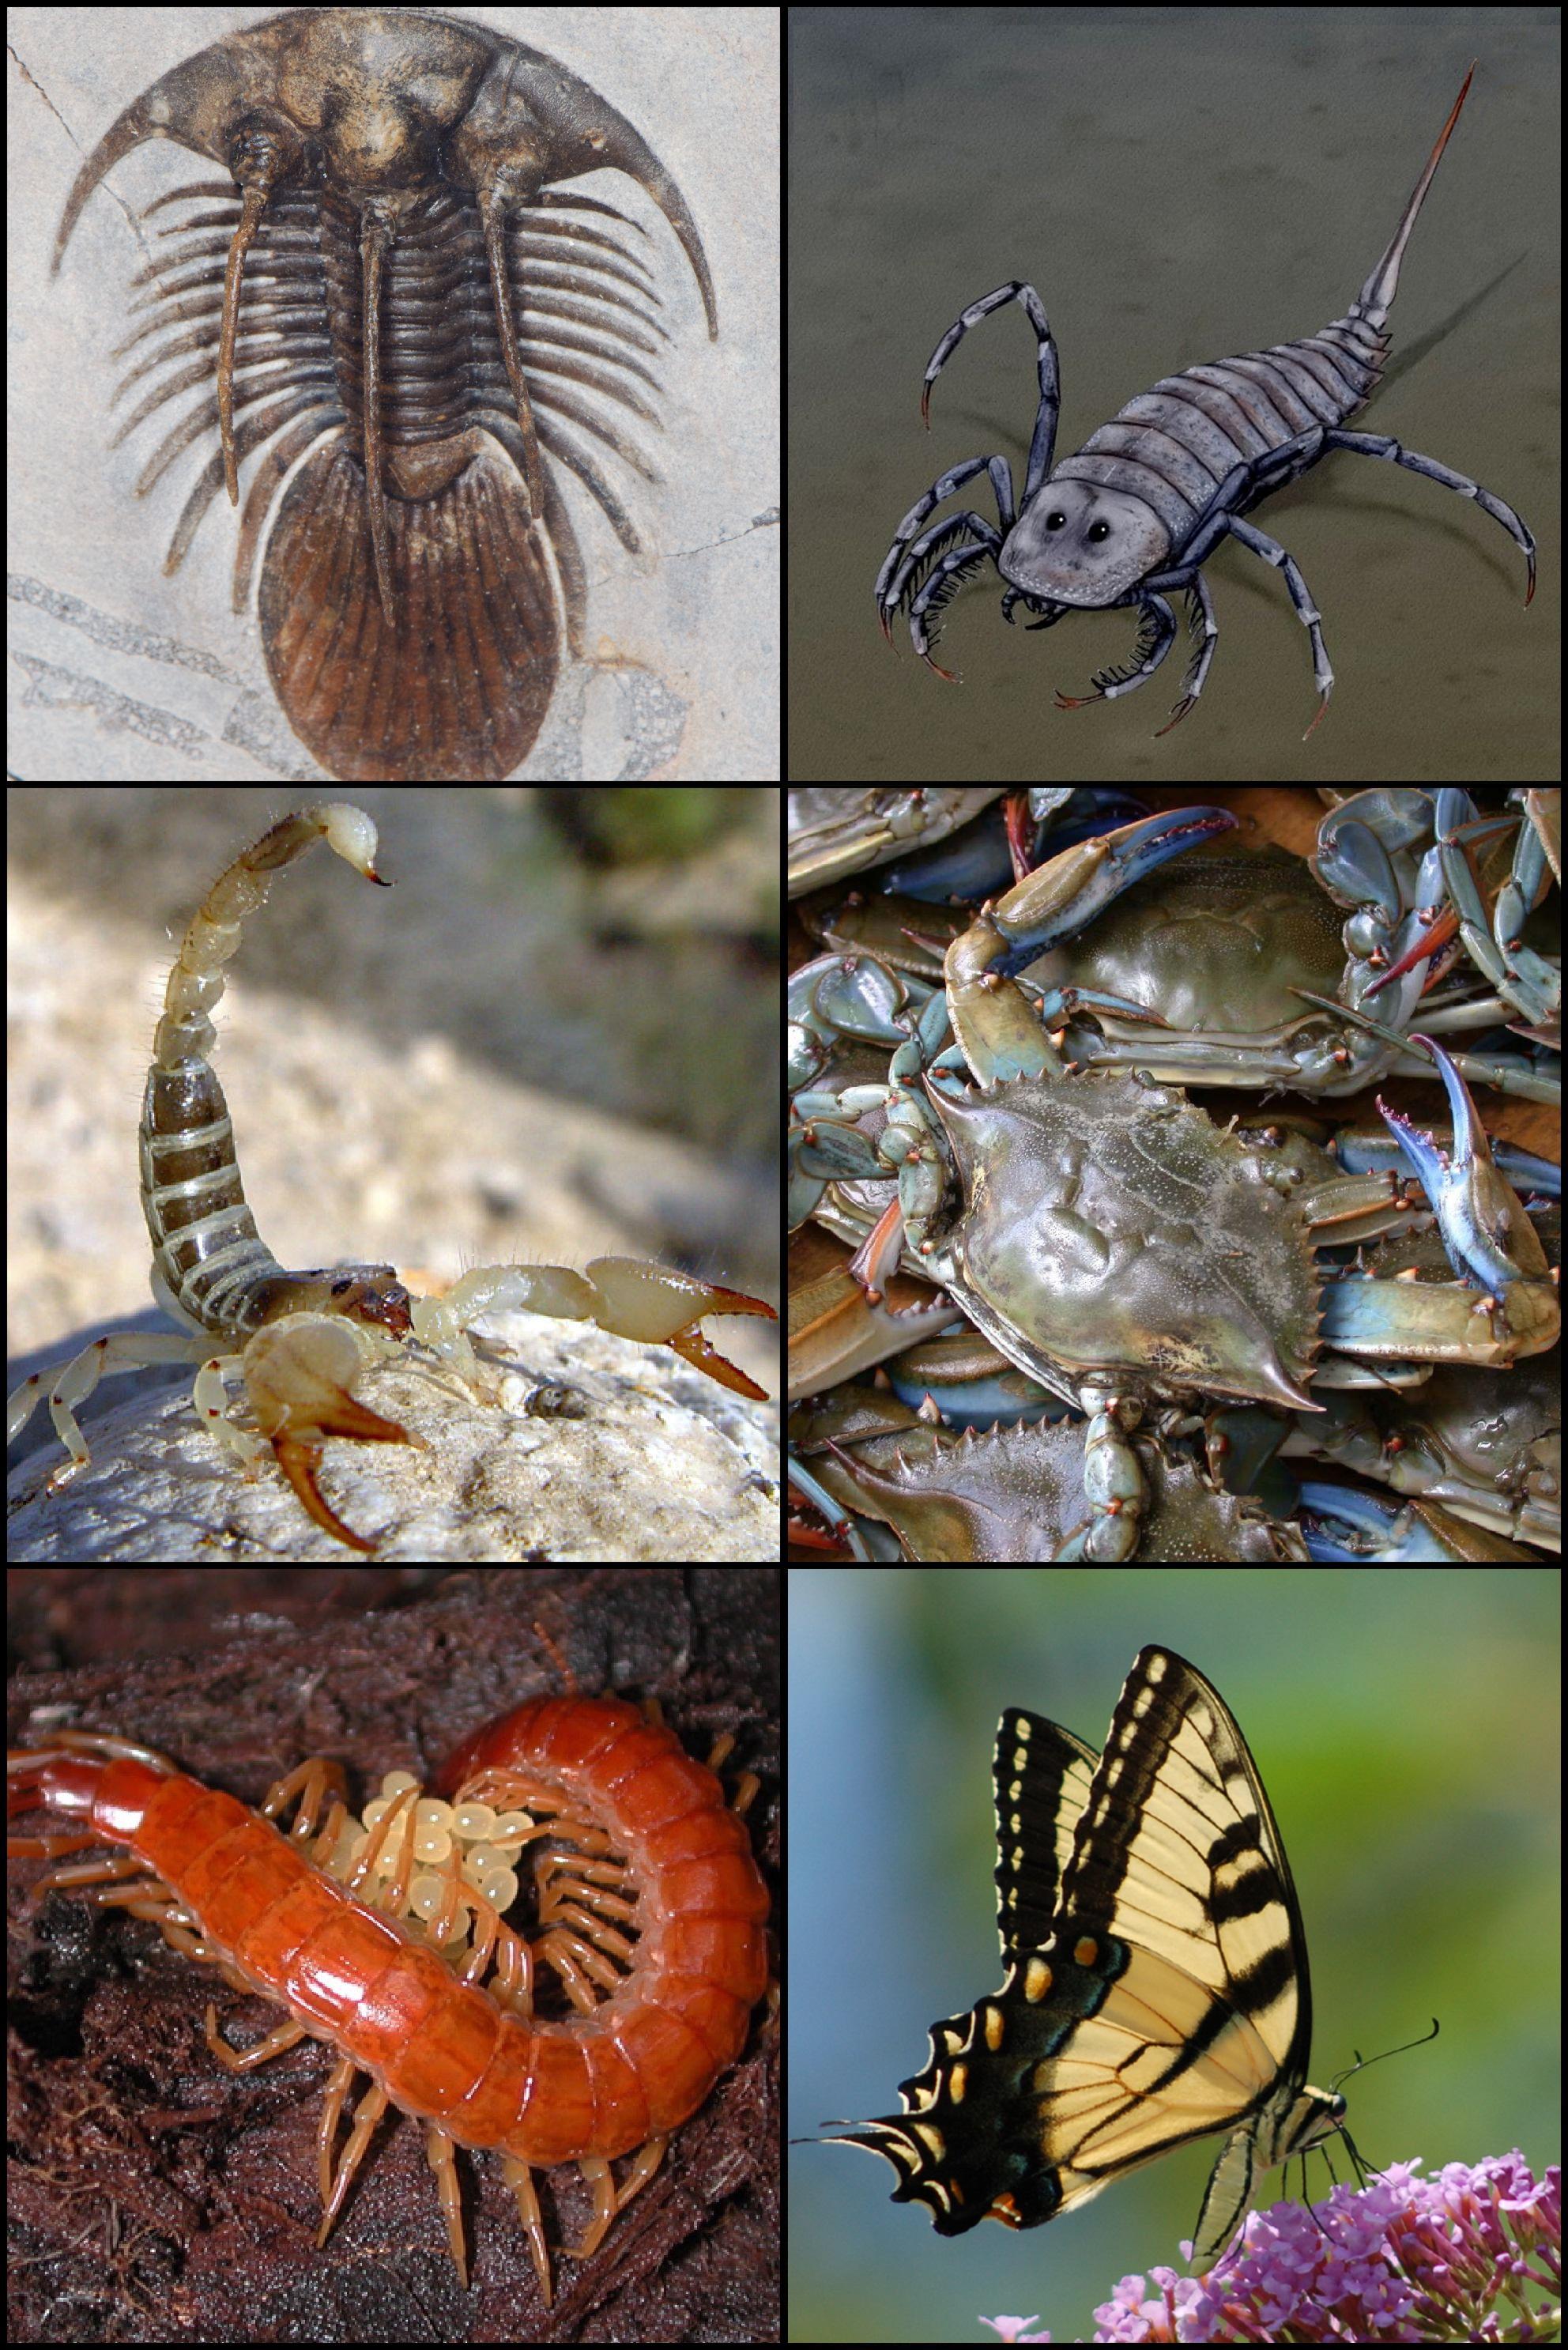 Les arthropodes parasites de l homme. Nom vernaculaire, Insecte, Parasitisme, Pediculus humanus